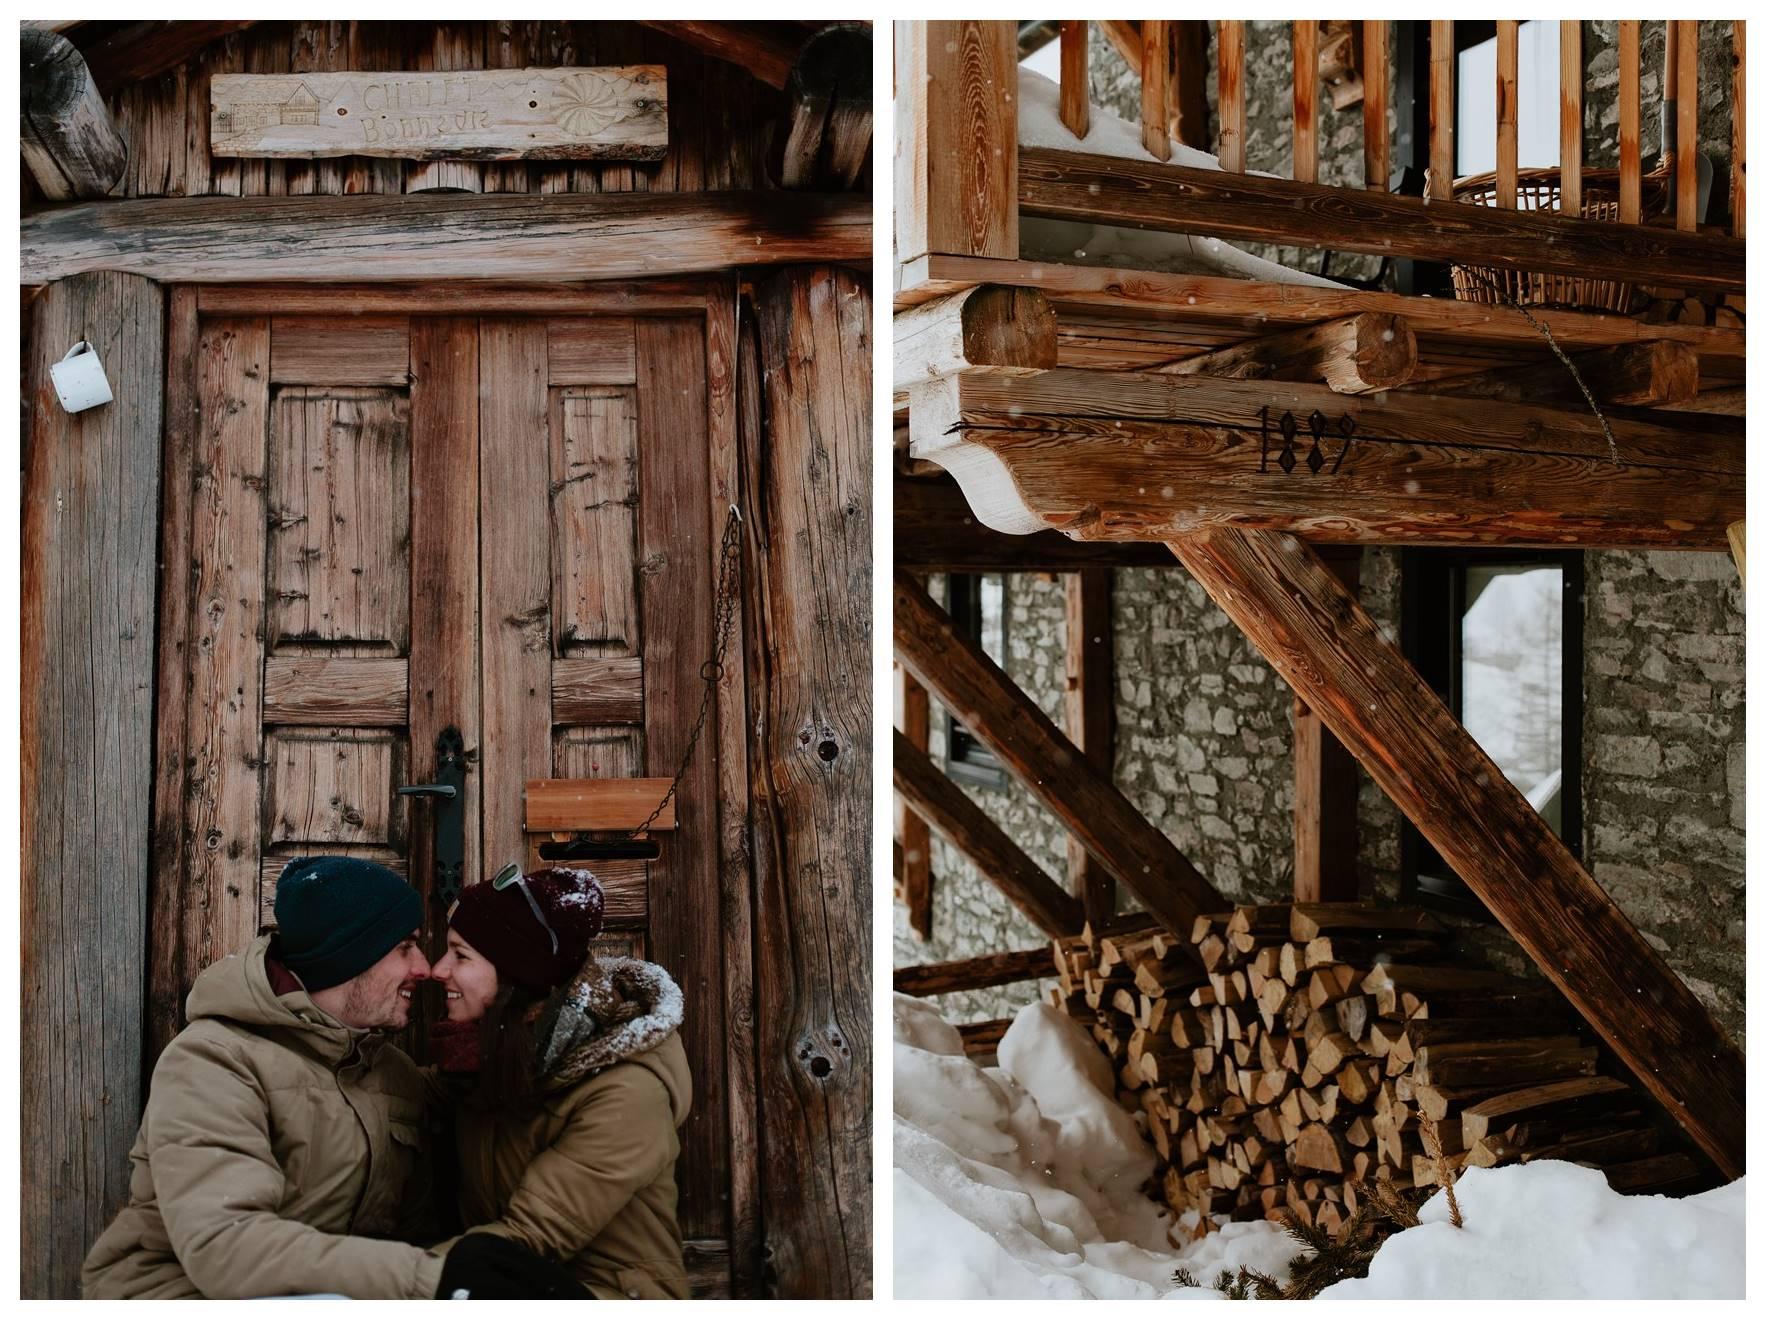 séance couple montagne neige regards ambiance